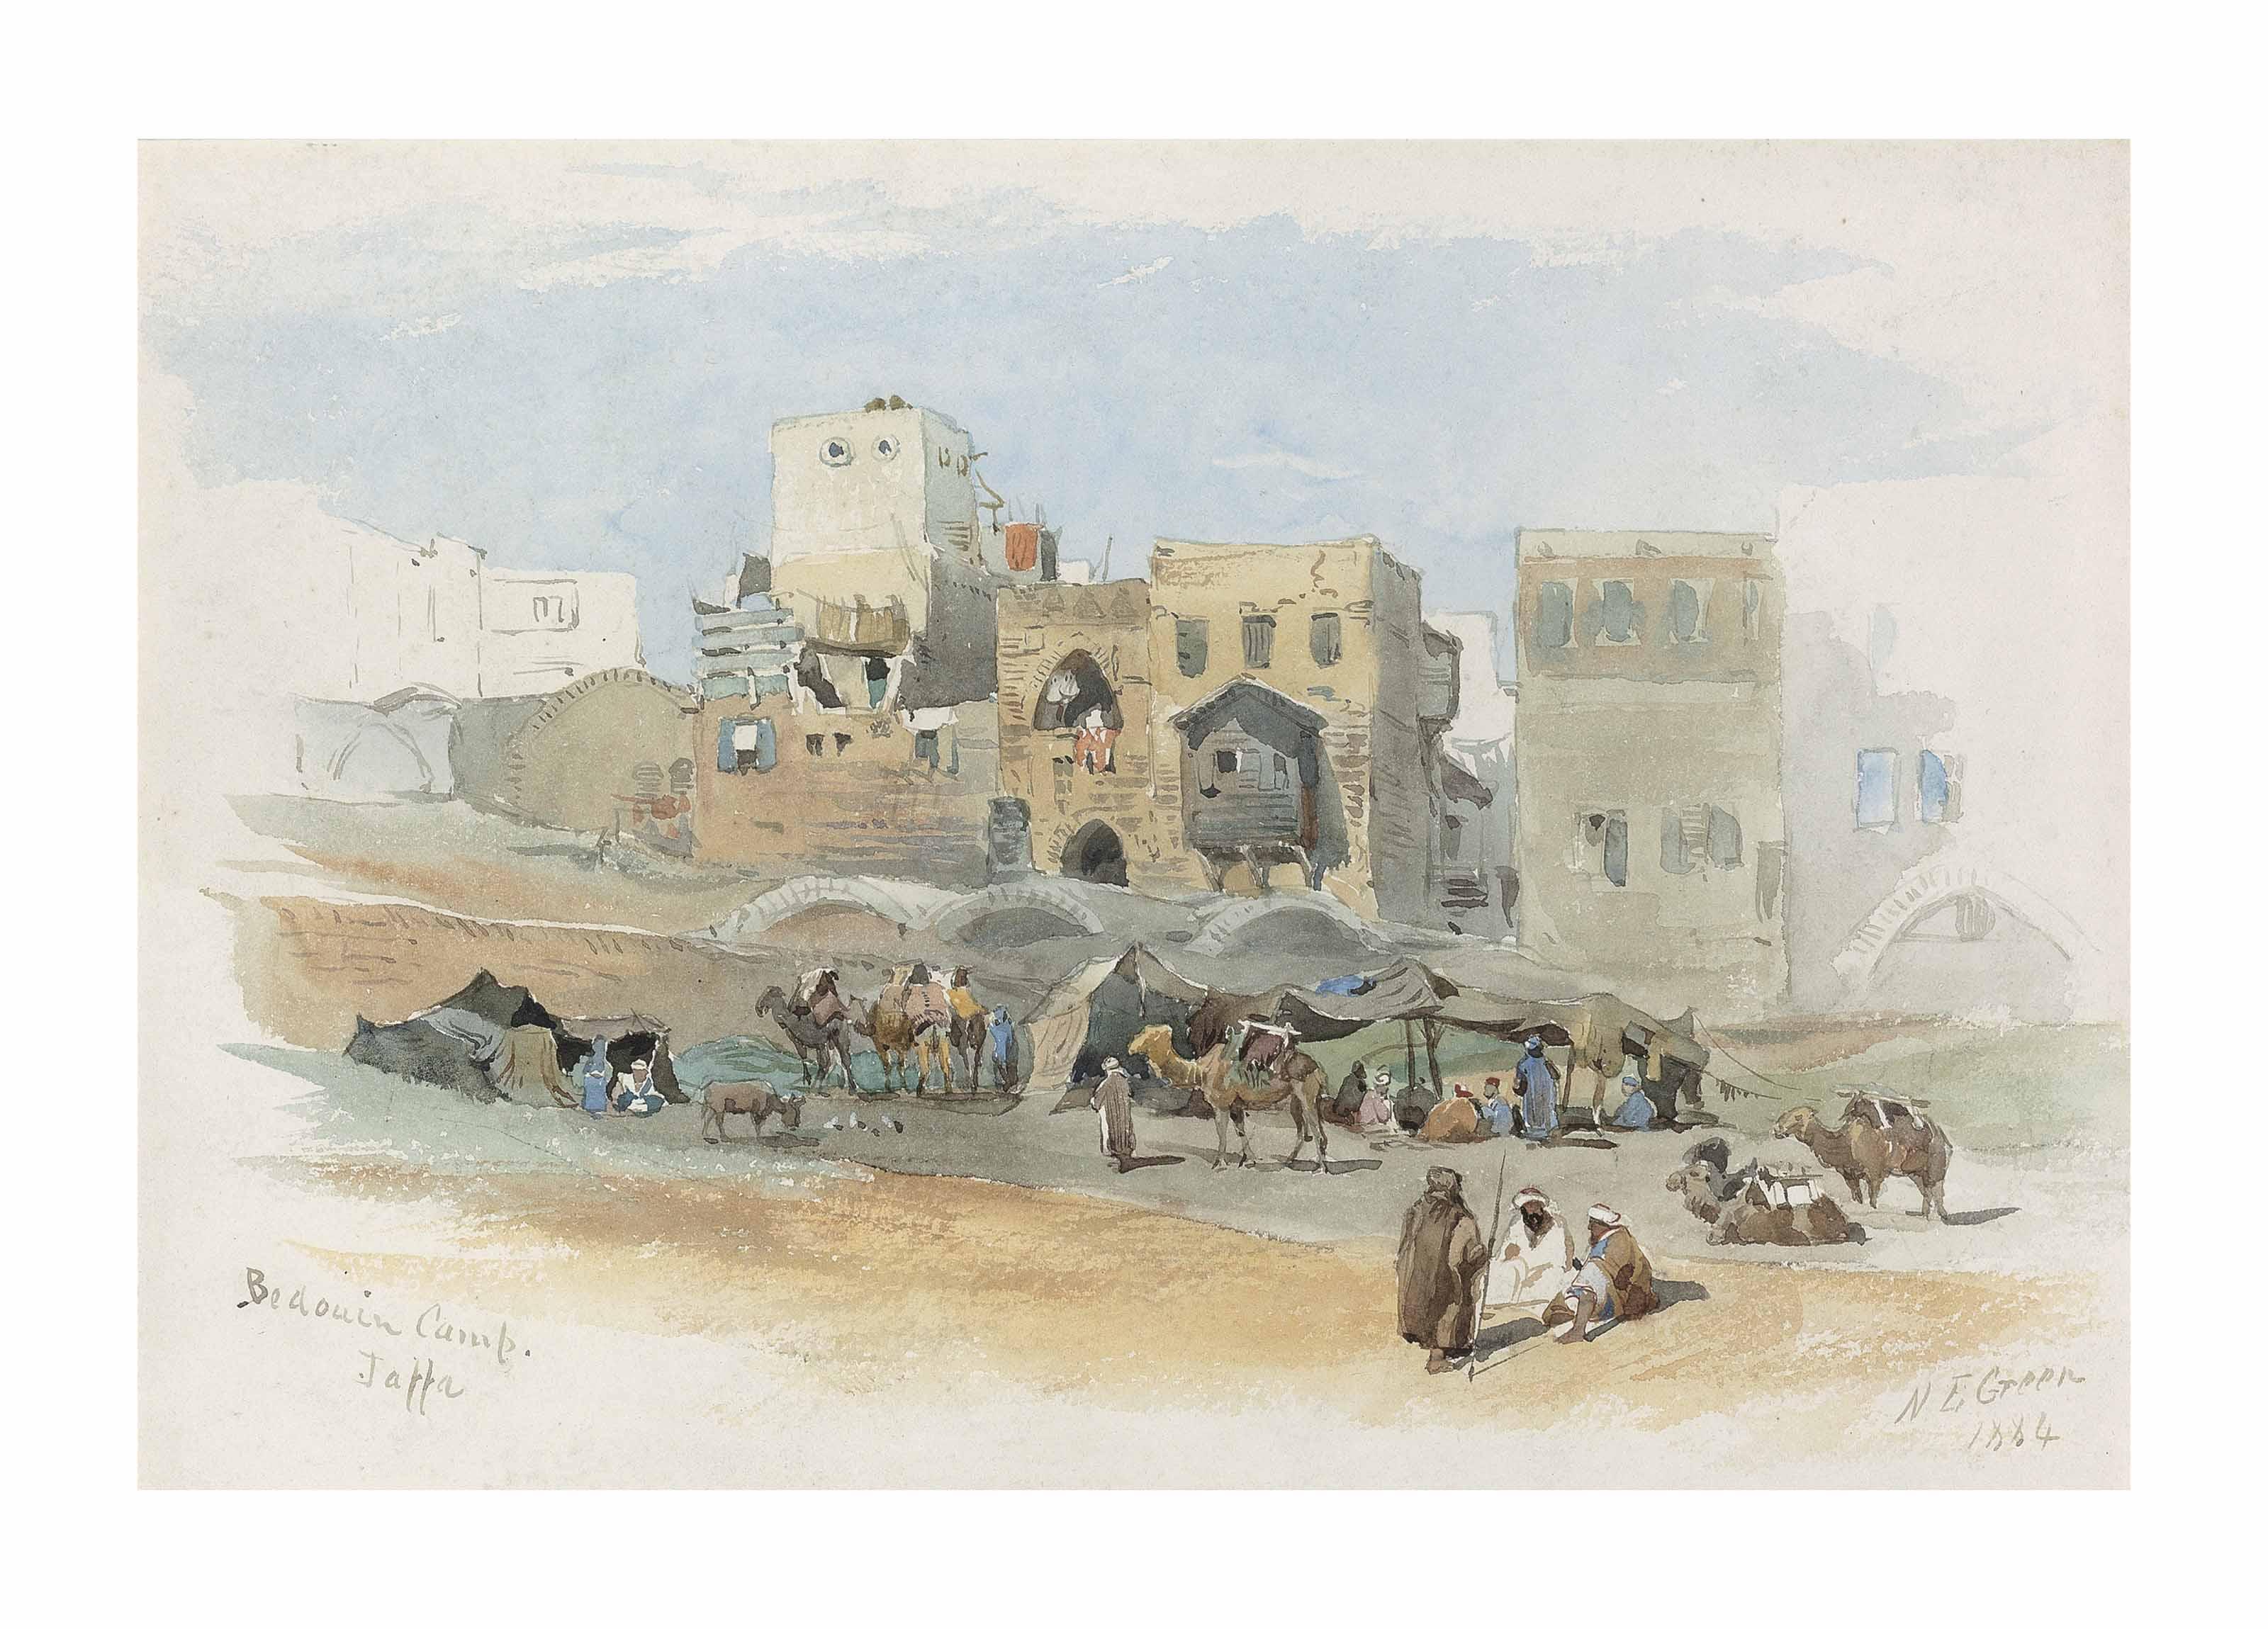 A Bedouin camp, Jaffa